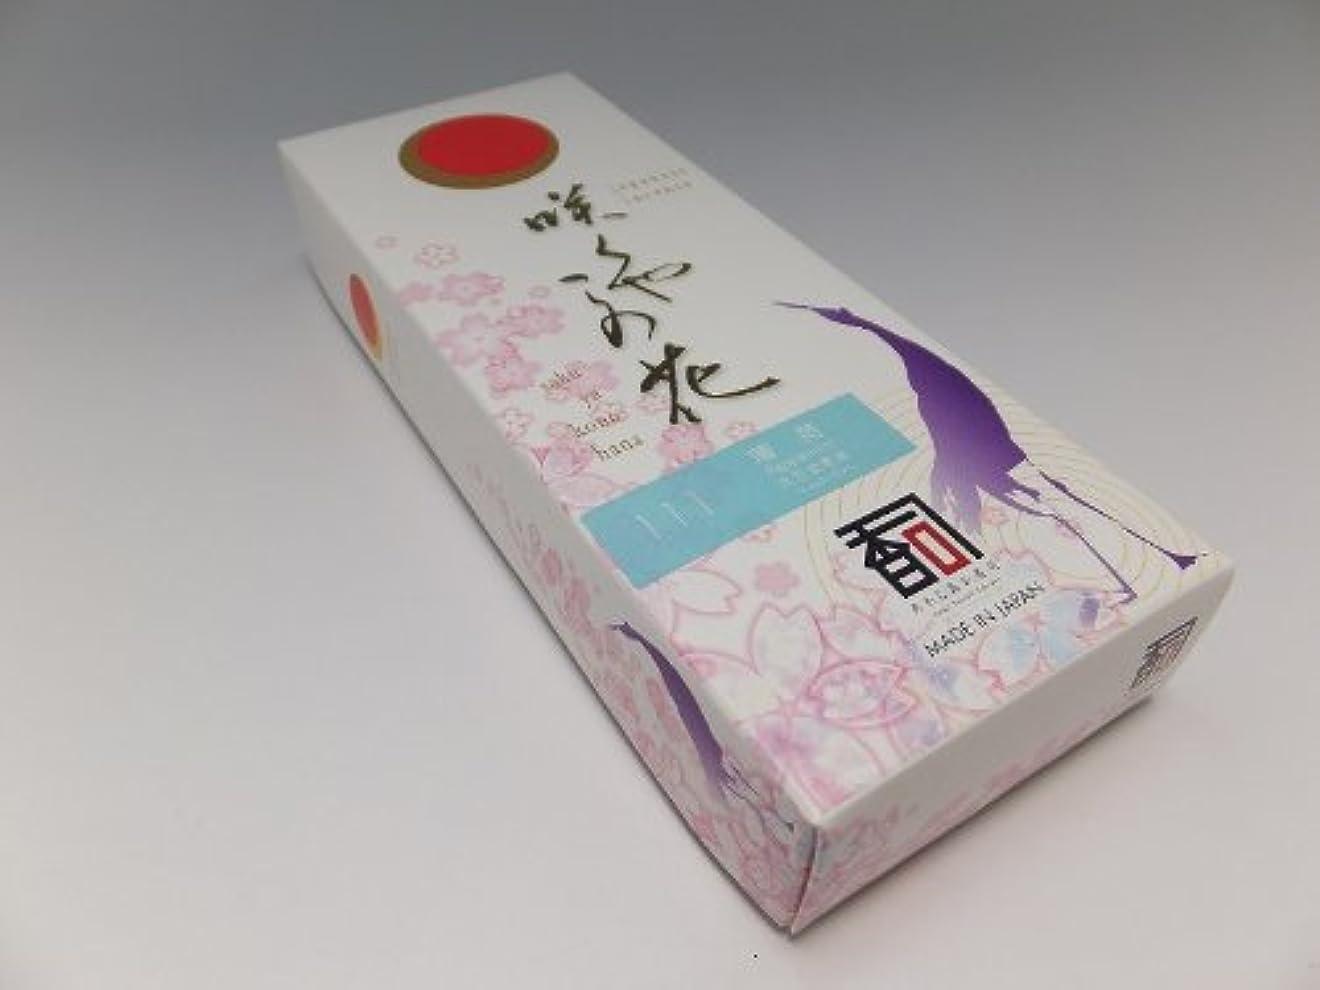 予測する差別化するパスポート「あわじ島の香司」 日本の香りシリーズ  [咲くや この花] 【111】 薄荷 (煙少)